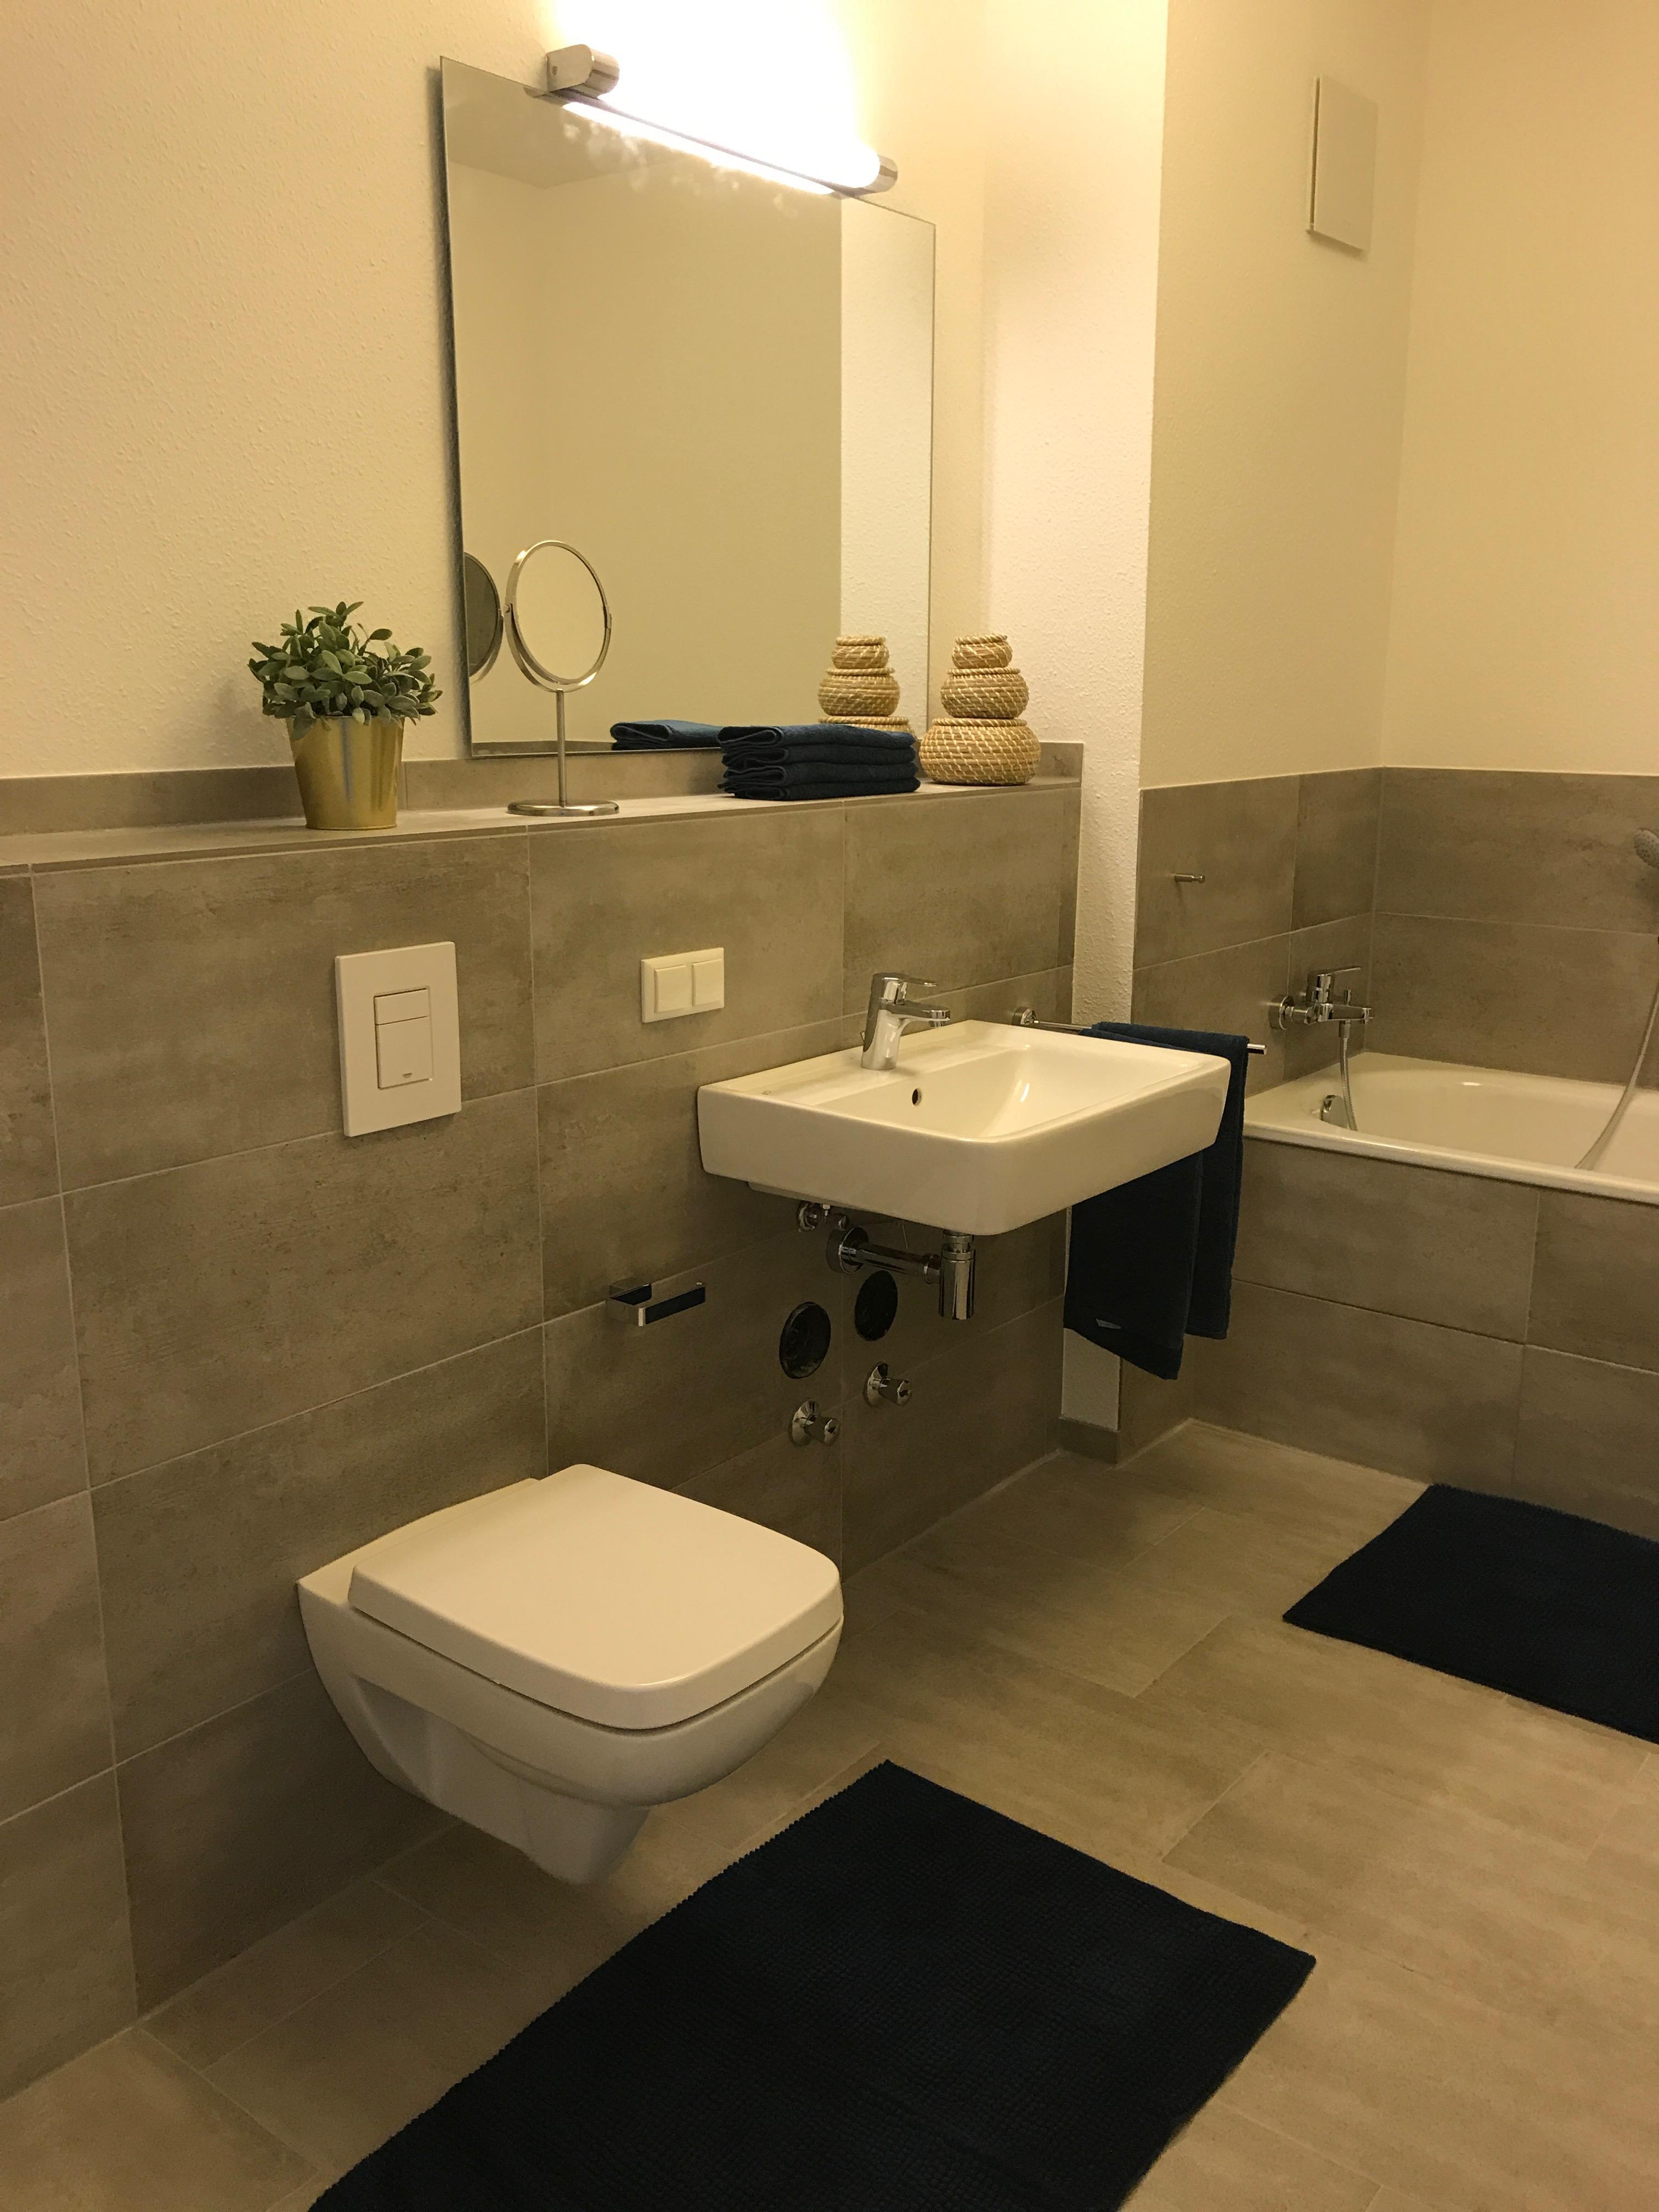 badezimmer grau wei, graues badezimmer • bilder & ideen • couch, Design ideen